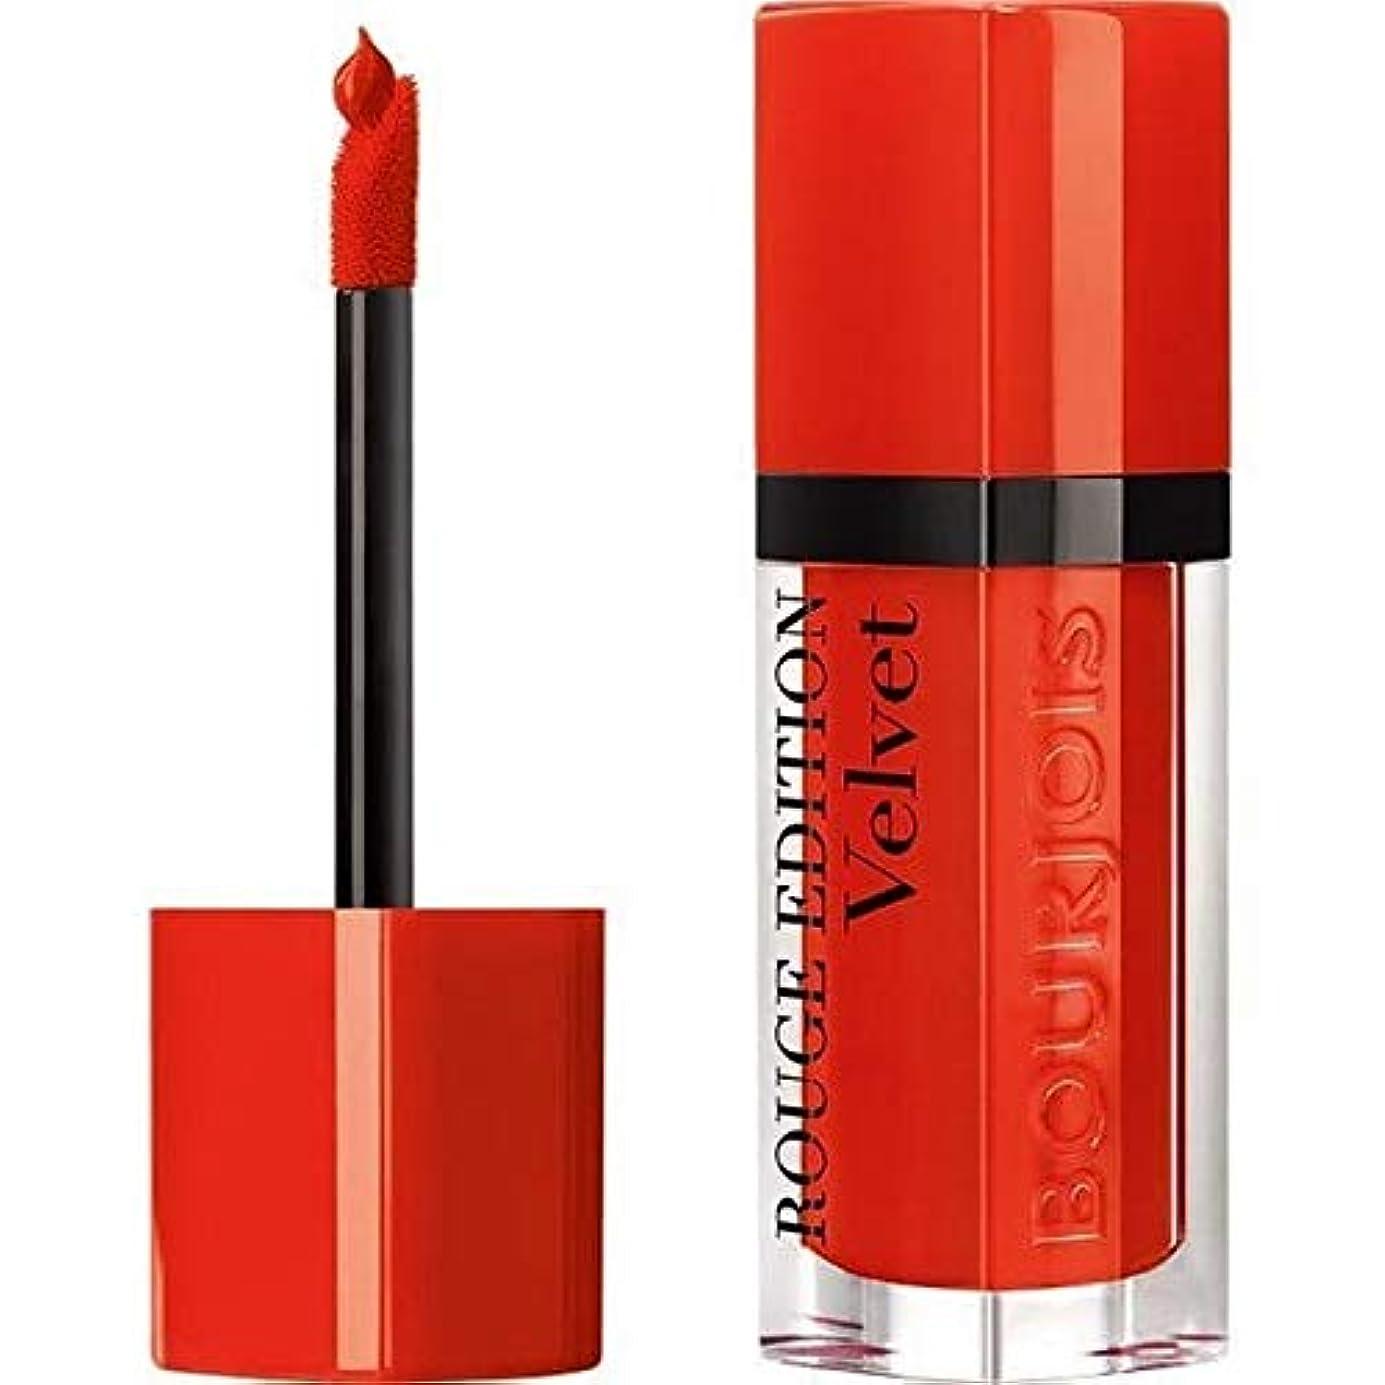 過敏な線取り囲む[Bourjois ] ブルジョワルージュ版のベルベットの口紅ケシの日20 - Bourjois Rouge Edition Velvet Lipstick Poppy Days 20 [並行輸入品]